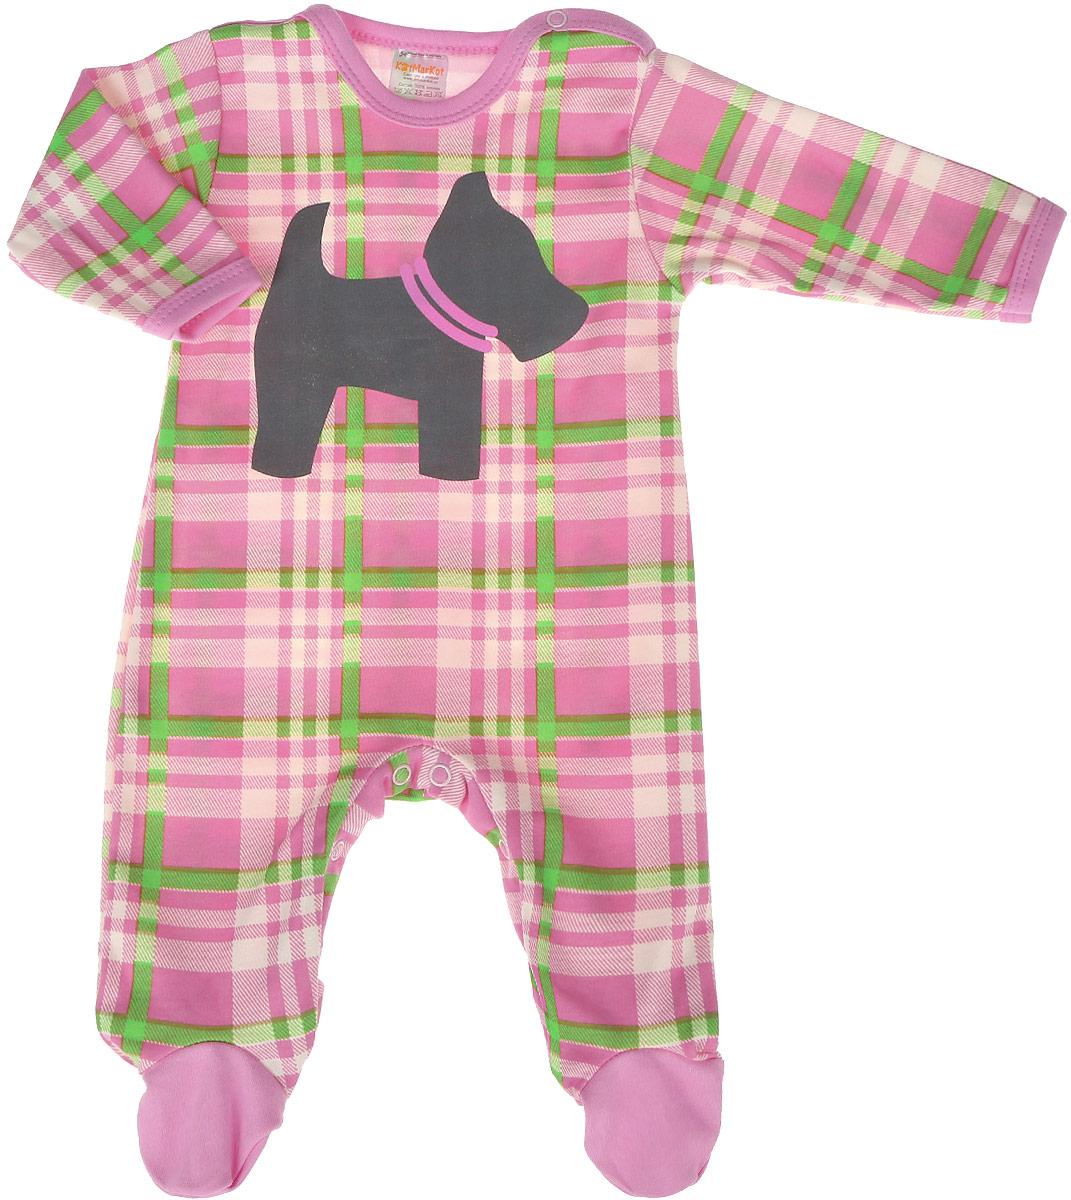 Комбинезон домашний для девочки КотМарКот, цвет: розовый. 6413. Размер 866413Комбинезон домашний для девочки КотМарКот выполнен из качественного материала. Модель с длинными рукавами застегивается на кнопки.